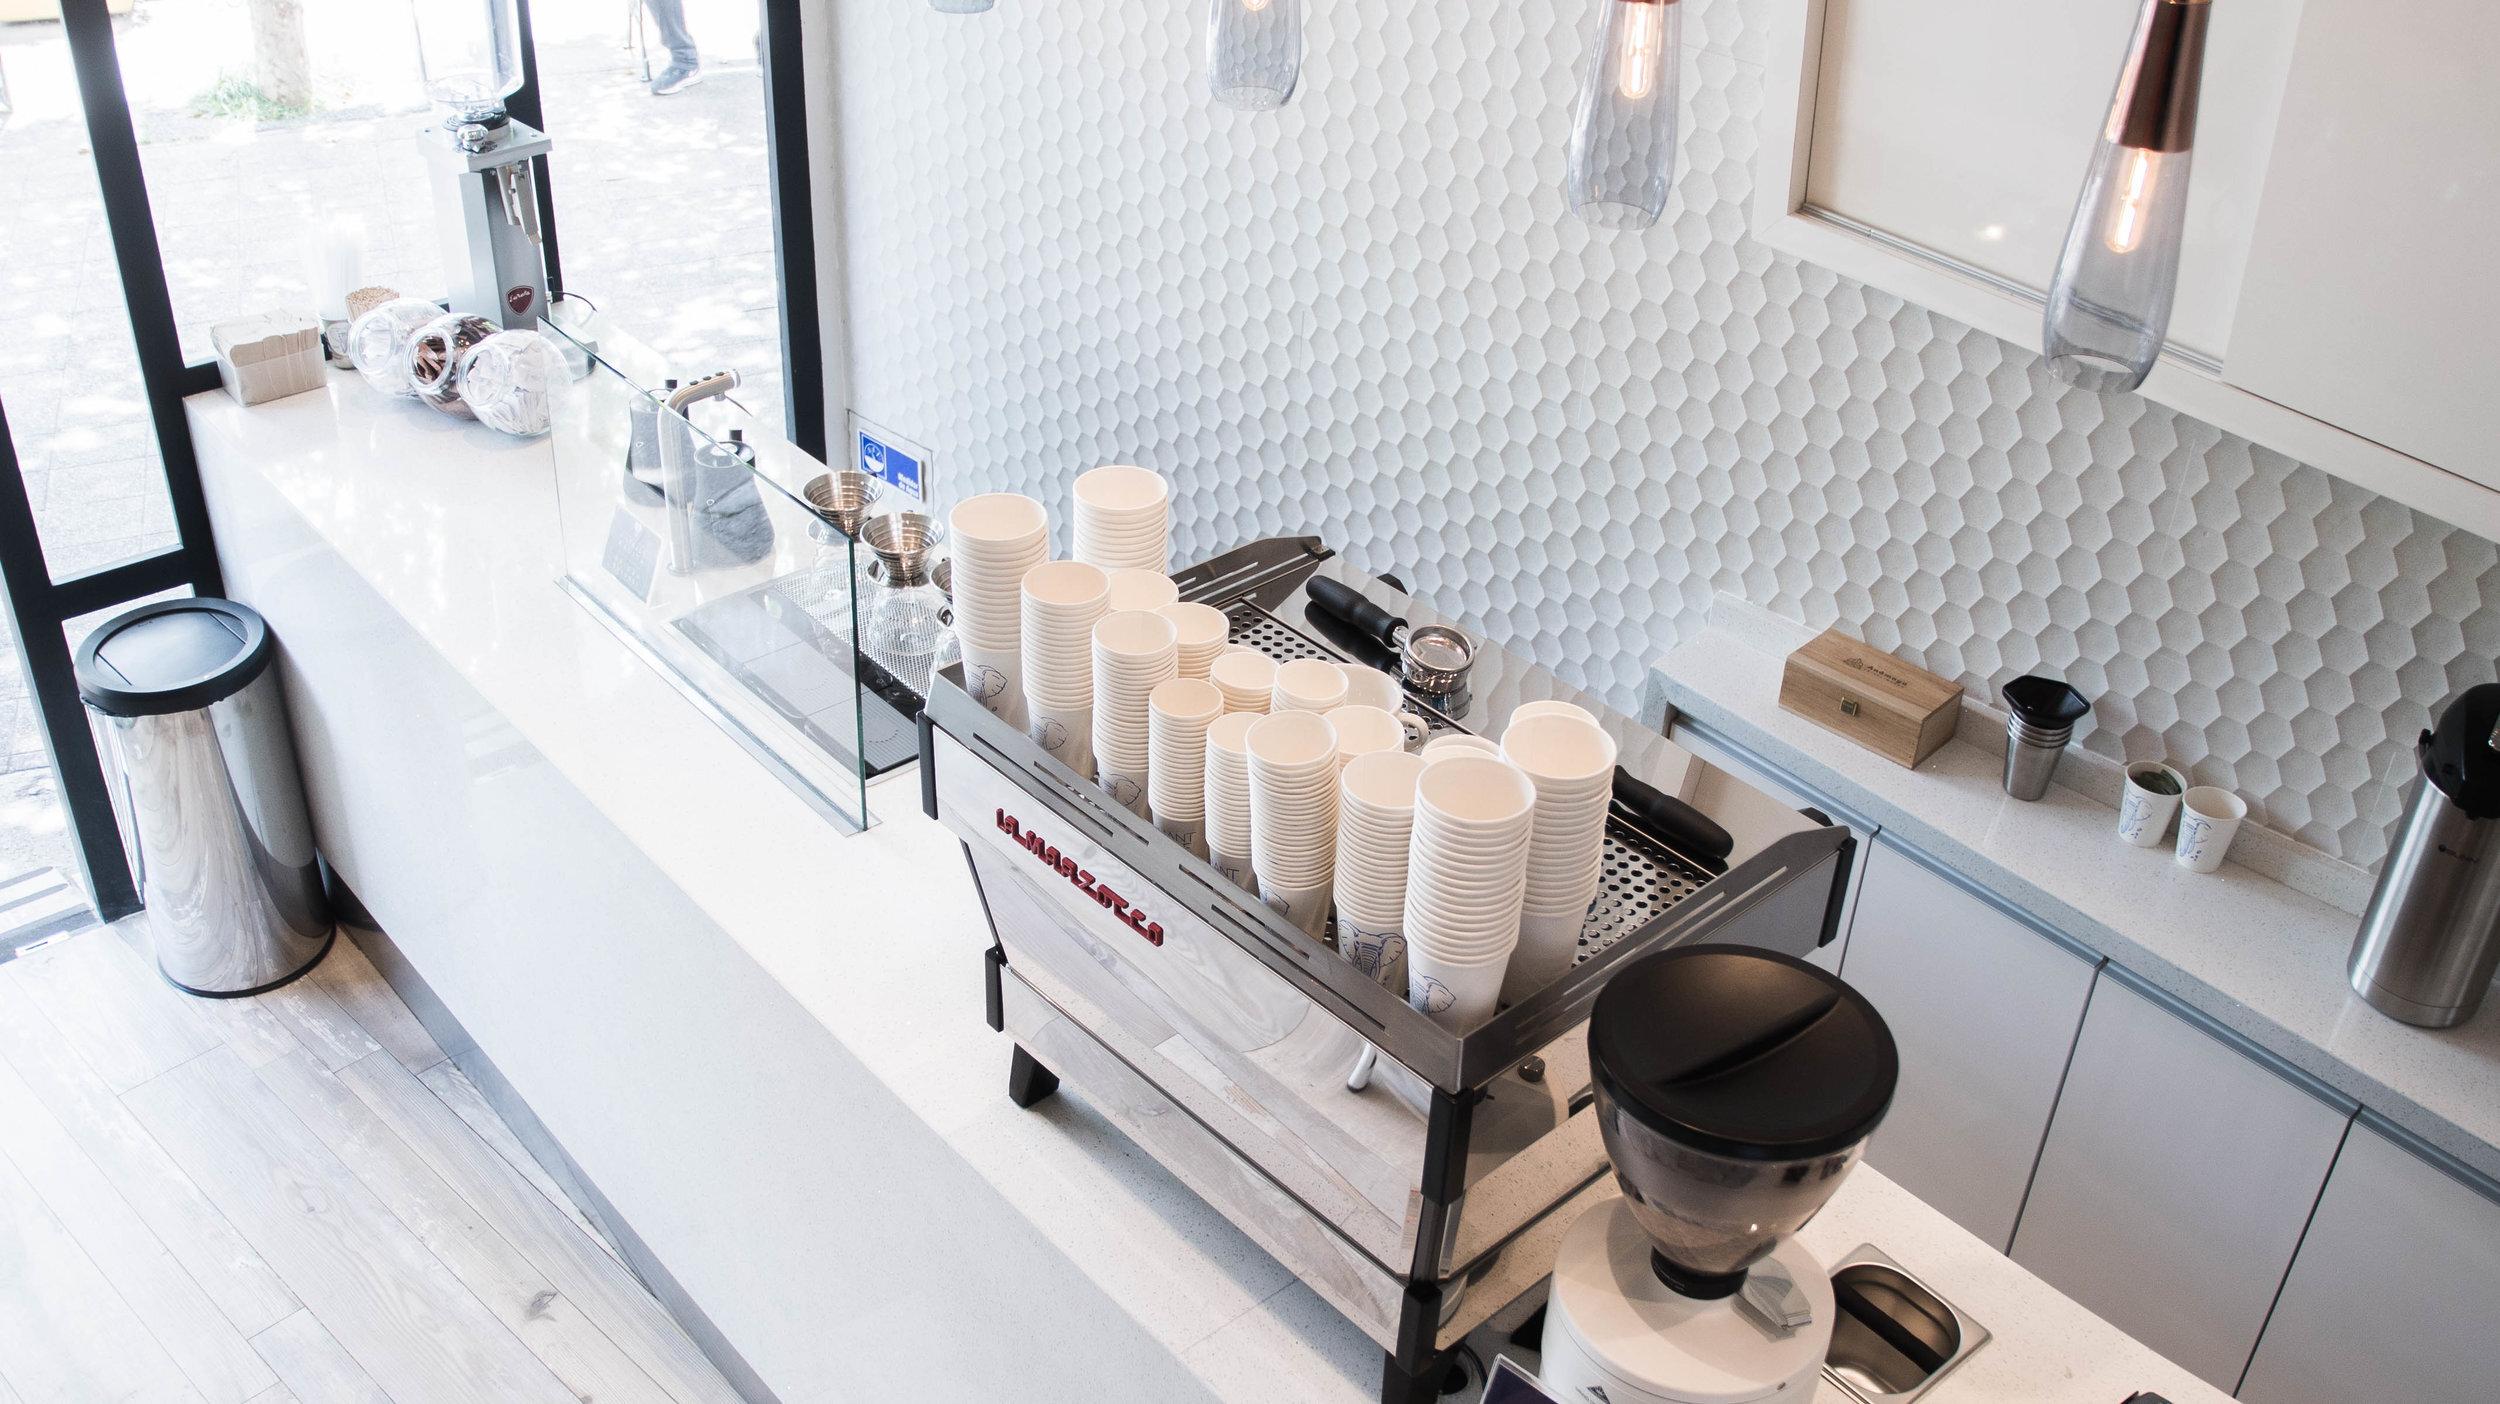 """The Elephant Coffee Pedro de Valdivia - Nuestra tienda de Pedro de Valdivia se encuentra ubicada en Pedro de Valdivia entre Avda. Nueva Providencia y Avda. Providencia, donde estaba la tienda llamada """"Filatelia Clásica"""", en este espacio nos ingeniamos para poder instalar nuestra barra, la que se divide en dos áreas, la sección de filtrados, en donde se preparan cafecitos preparados de manera manual. Para las bebidas a base de Espresso, se encontrarán con una maquina de cuerpo sexy de acero inoxidable, esta es La Marzocco Linea PB. Ignacio y Andrea son nuestros baristas de la tienda, mas Felipe y Daniel que hacen de las suyas en la zona de Caja.The Elephant Coffee Pedro de Valdivia.Pedro de Valdivia 51, ProvidenciaLunes a Viernes 07:00 a 19:30 Sabados 08:00 a 15:00"""